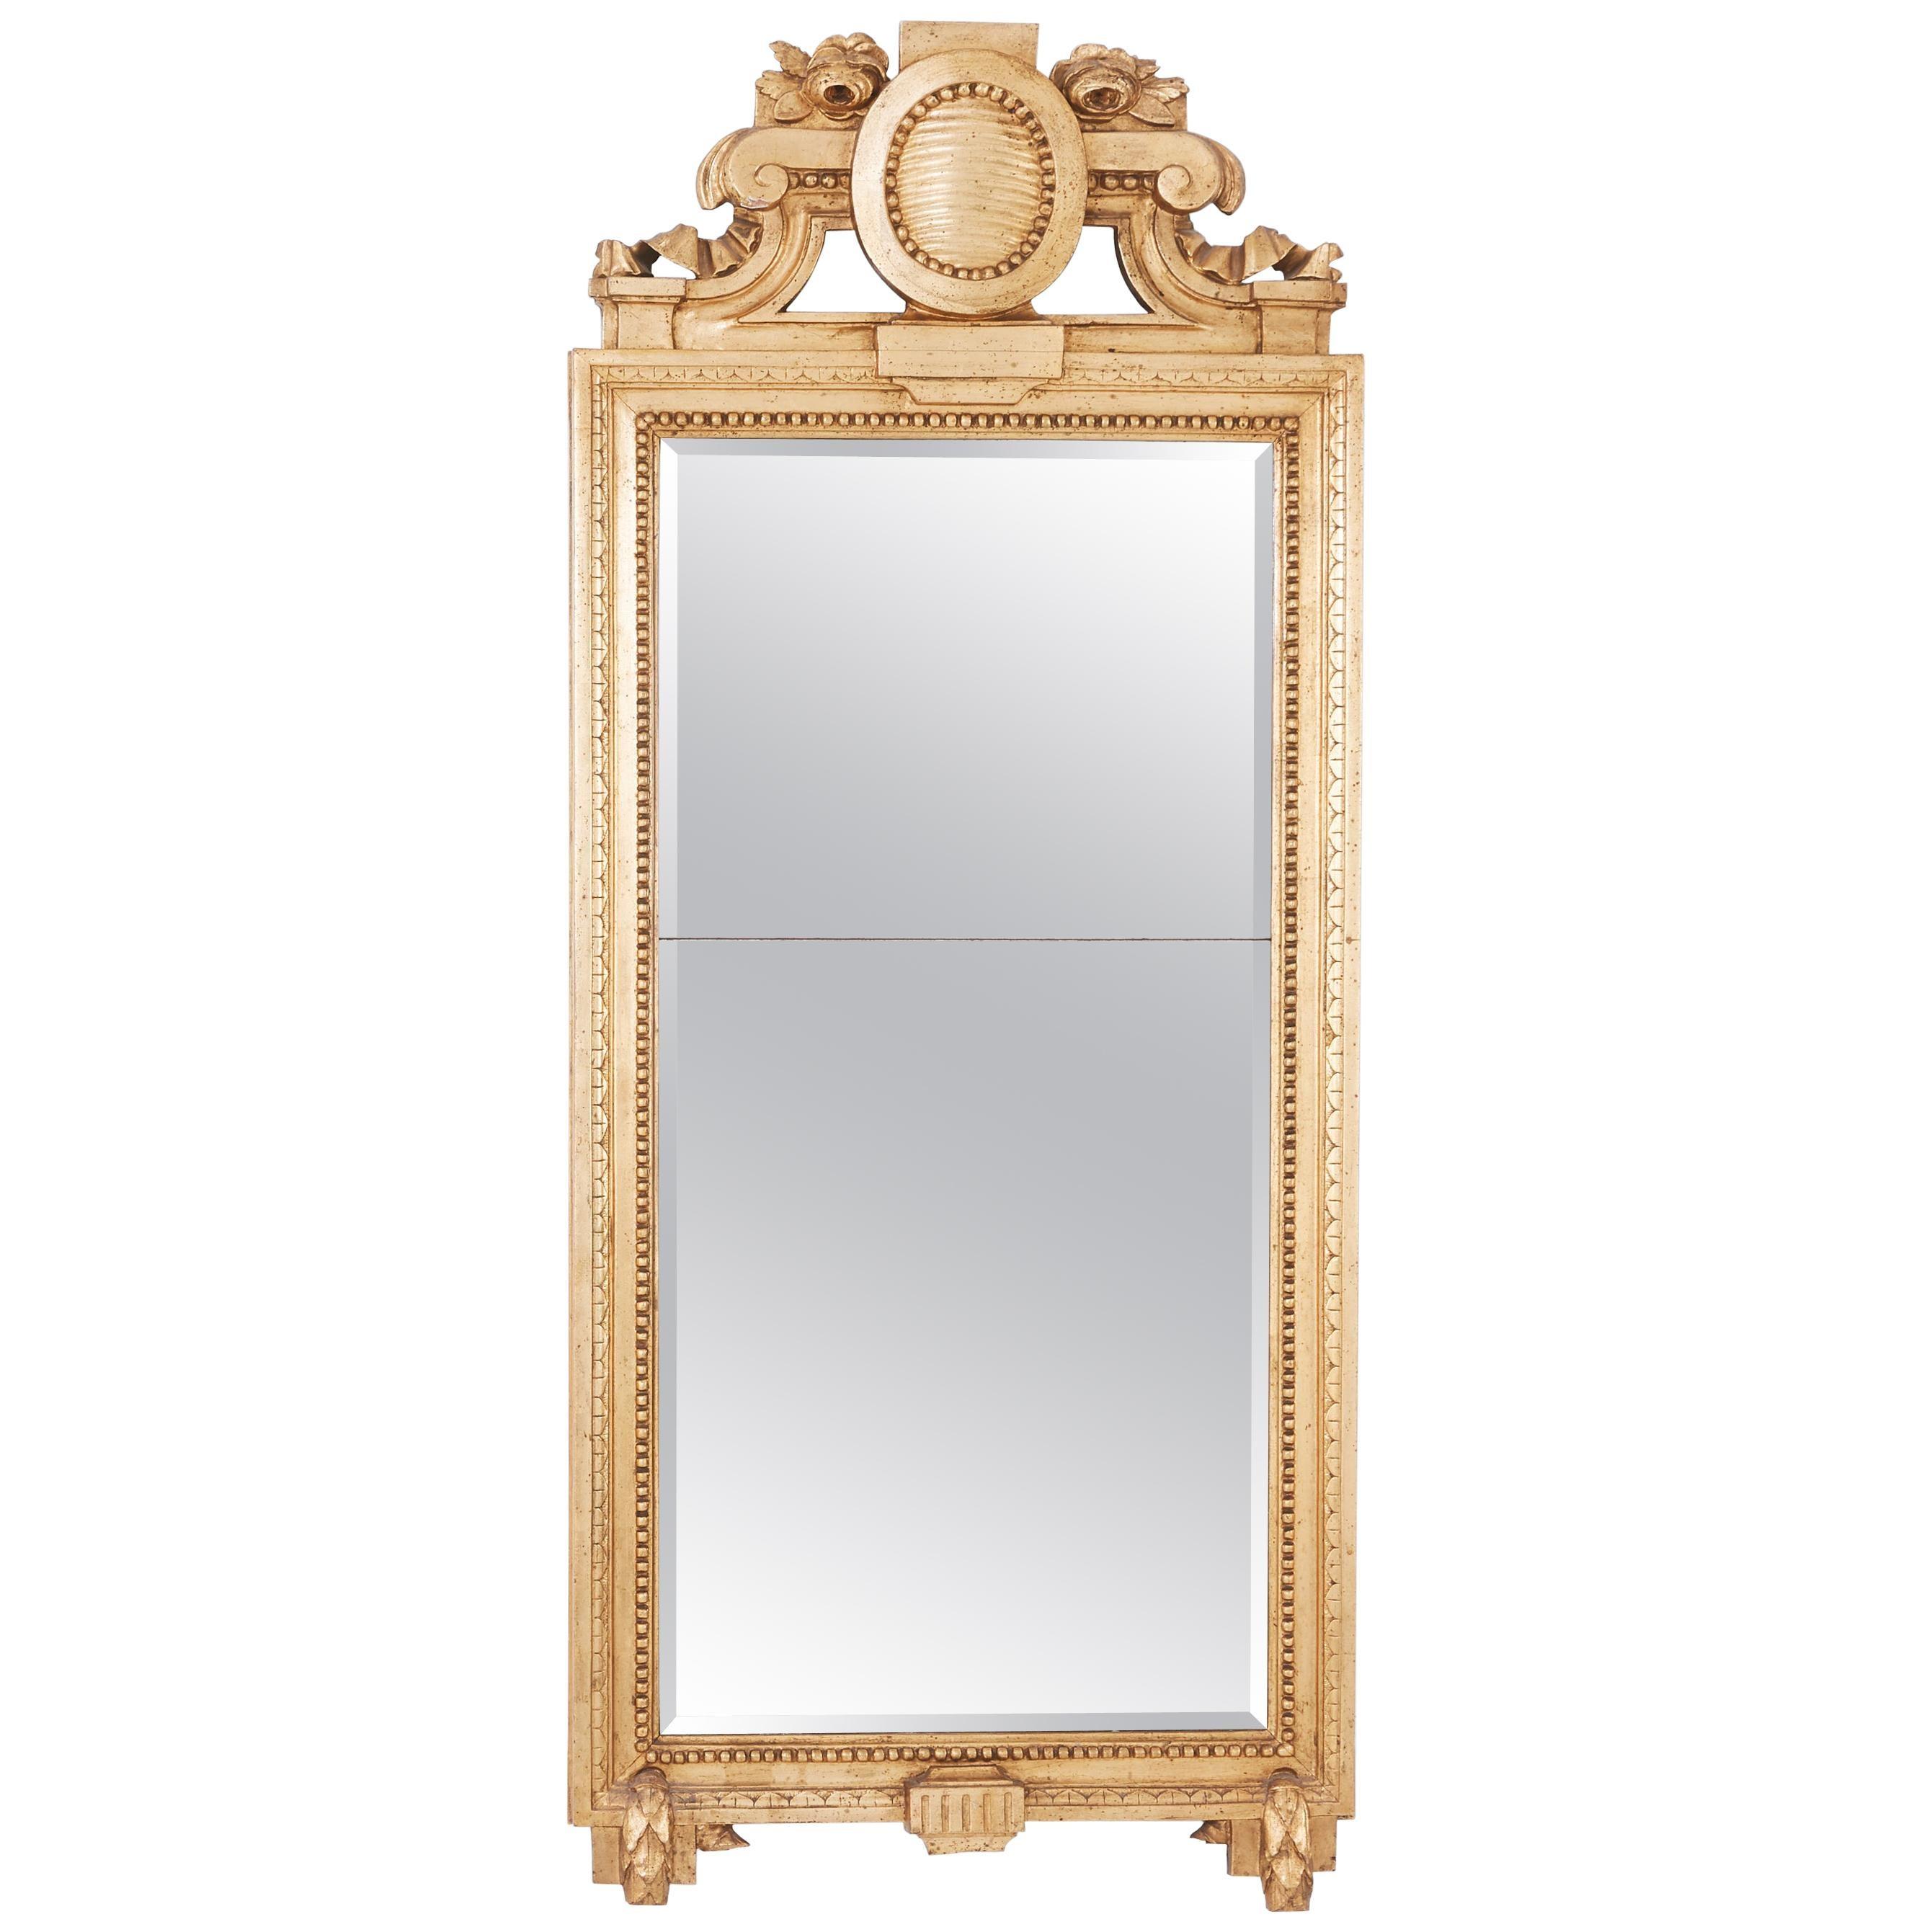 Gustavian Swedish Gilt Mirror, Signed by Carl Gustaf Fyrwald